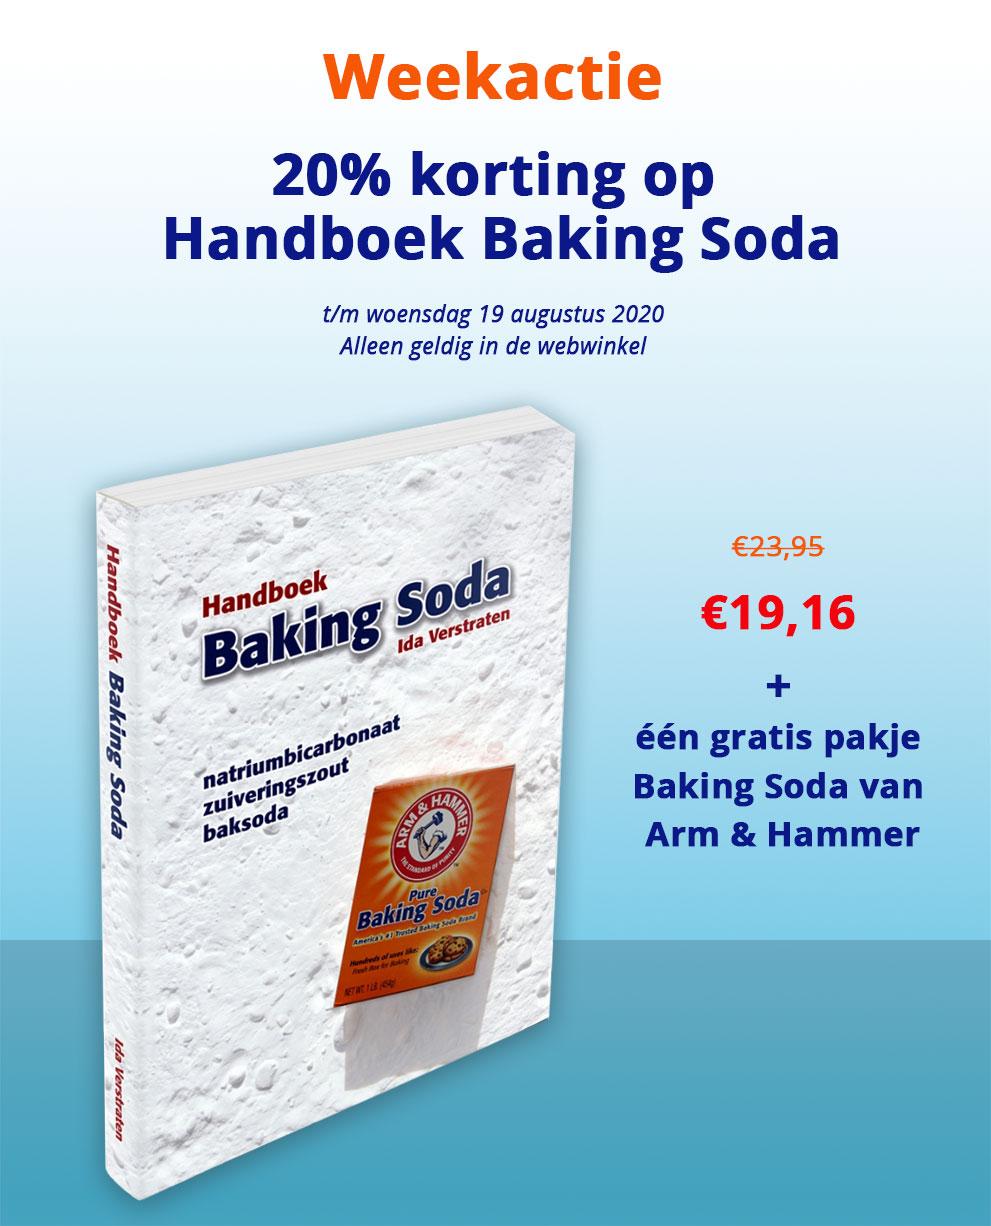 Weekactie-Handboek-Bakingsoda-augustus2020-bakingsoda-nl